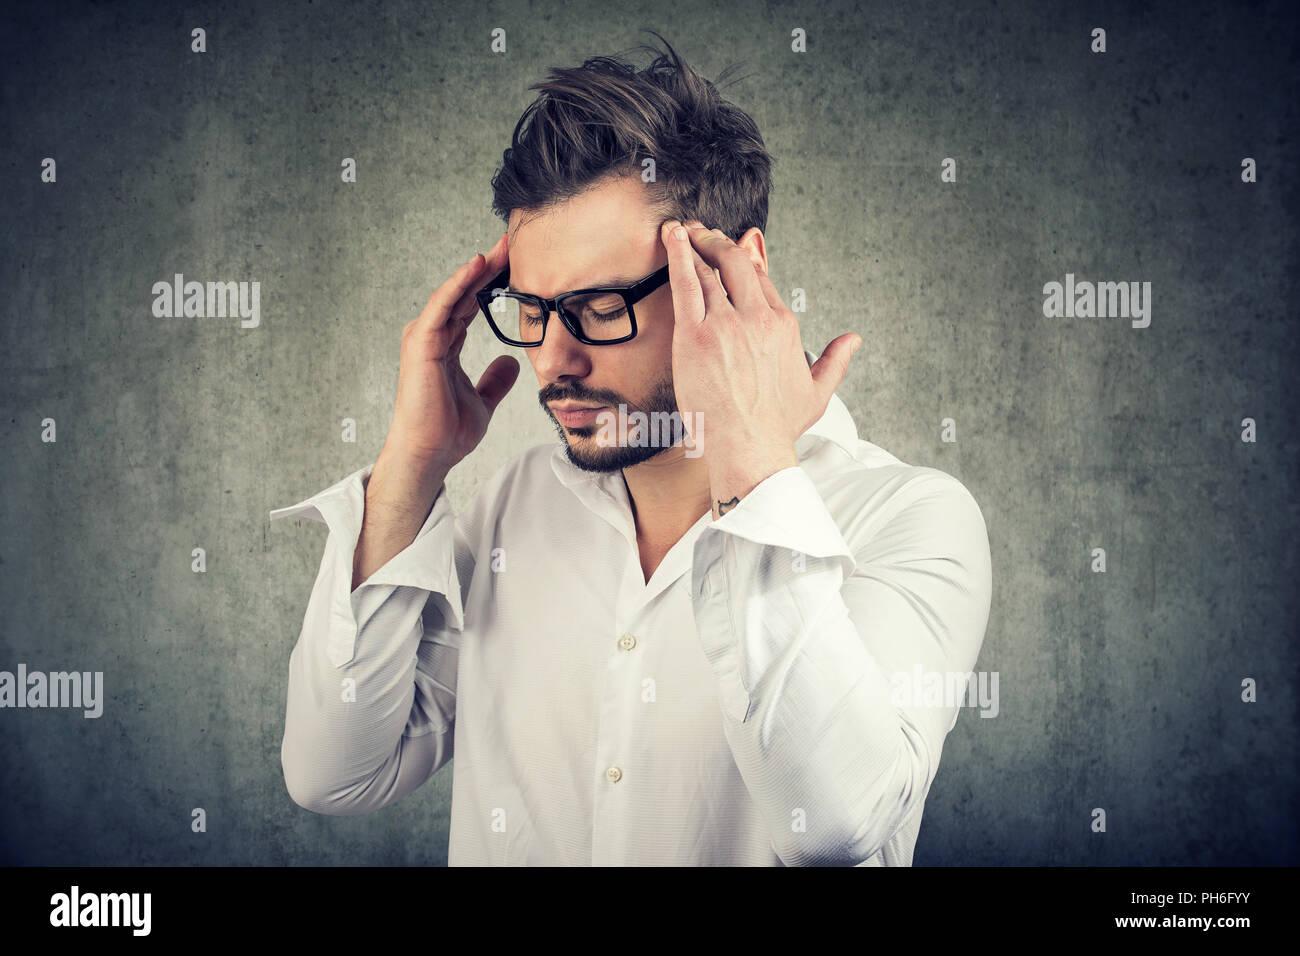 Hombre adulto en copas uñetas en templos tratando de concentrarse en la toma de decisiones Imagen De Stock